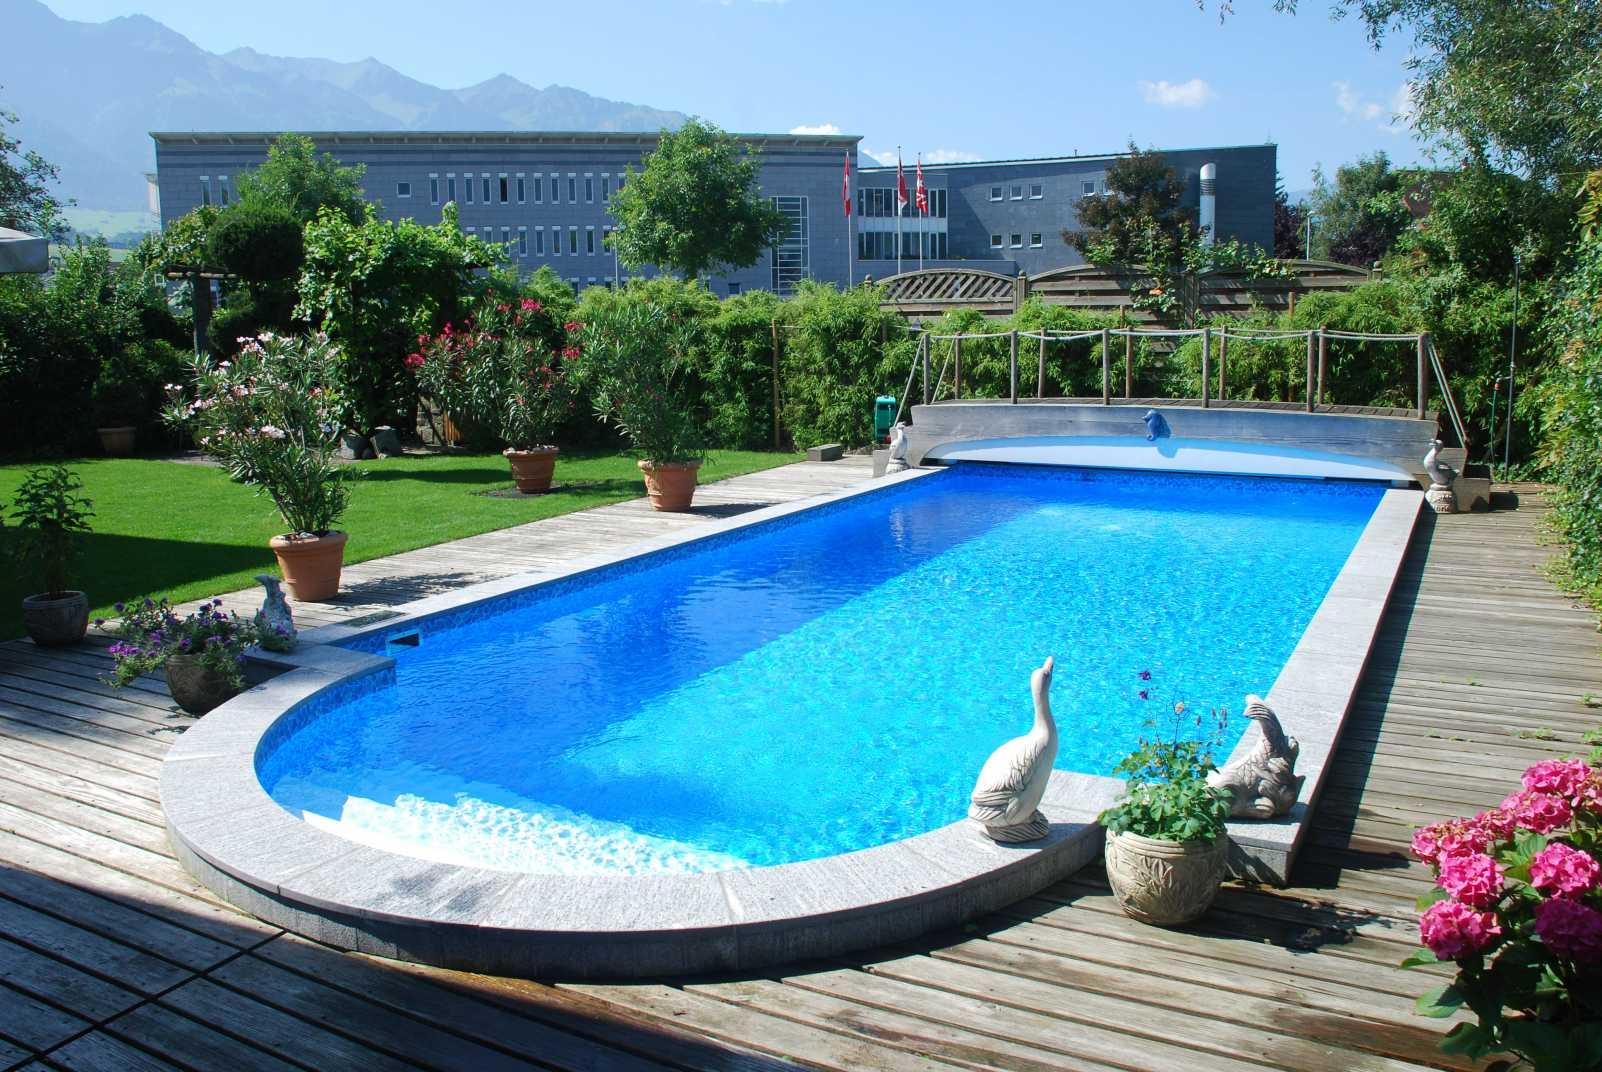 Schwimmb der ac schwimmbadtechnik for Schwimmbad folienauskleidung